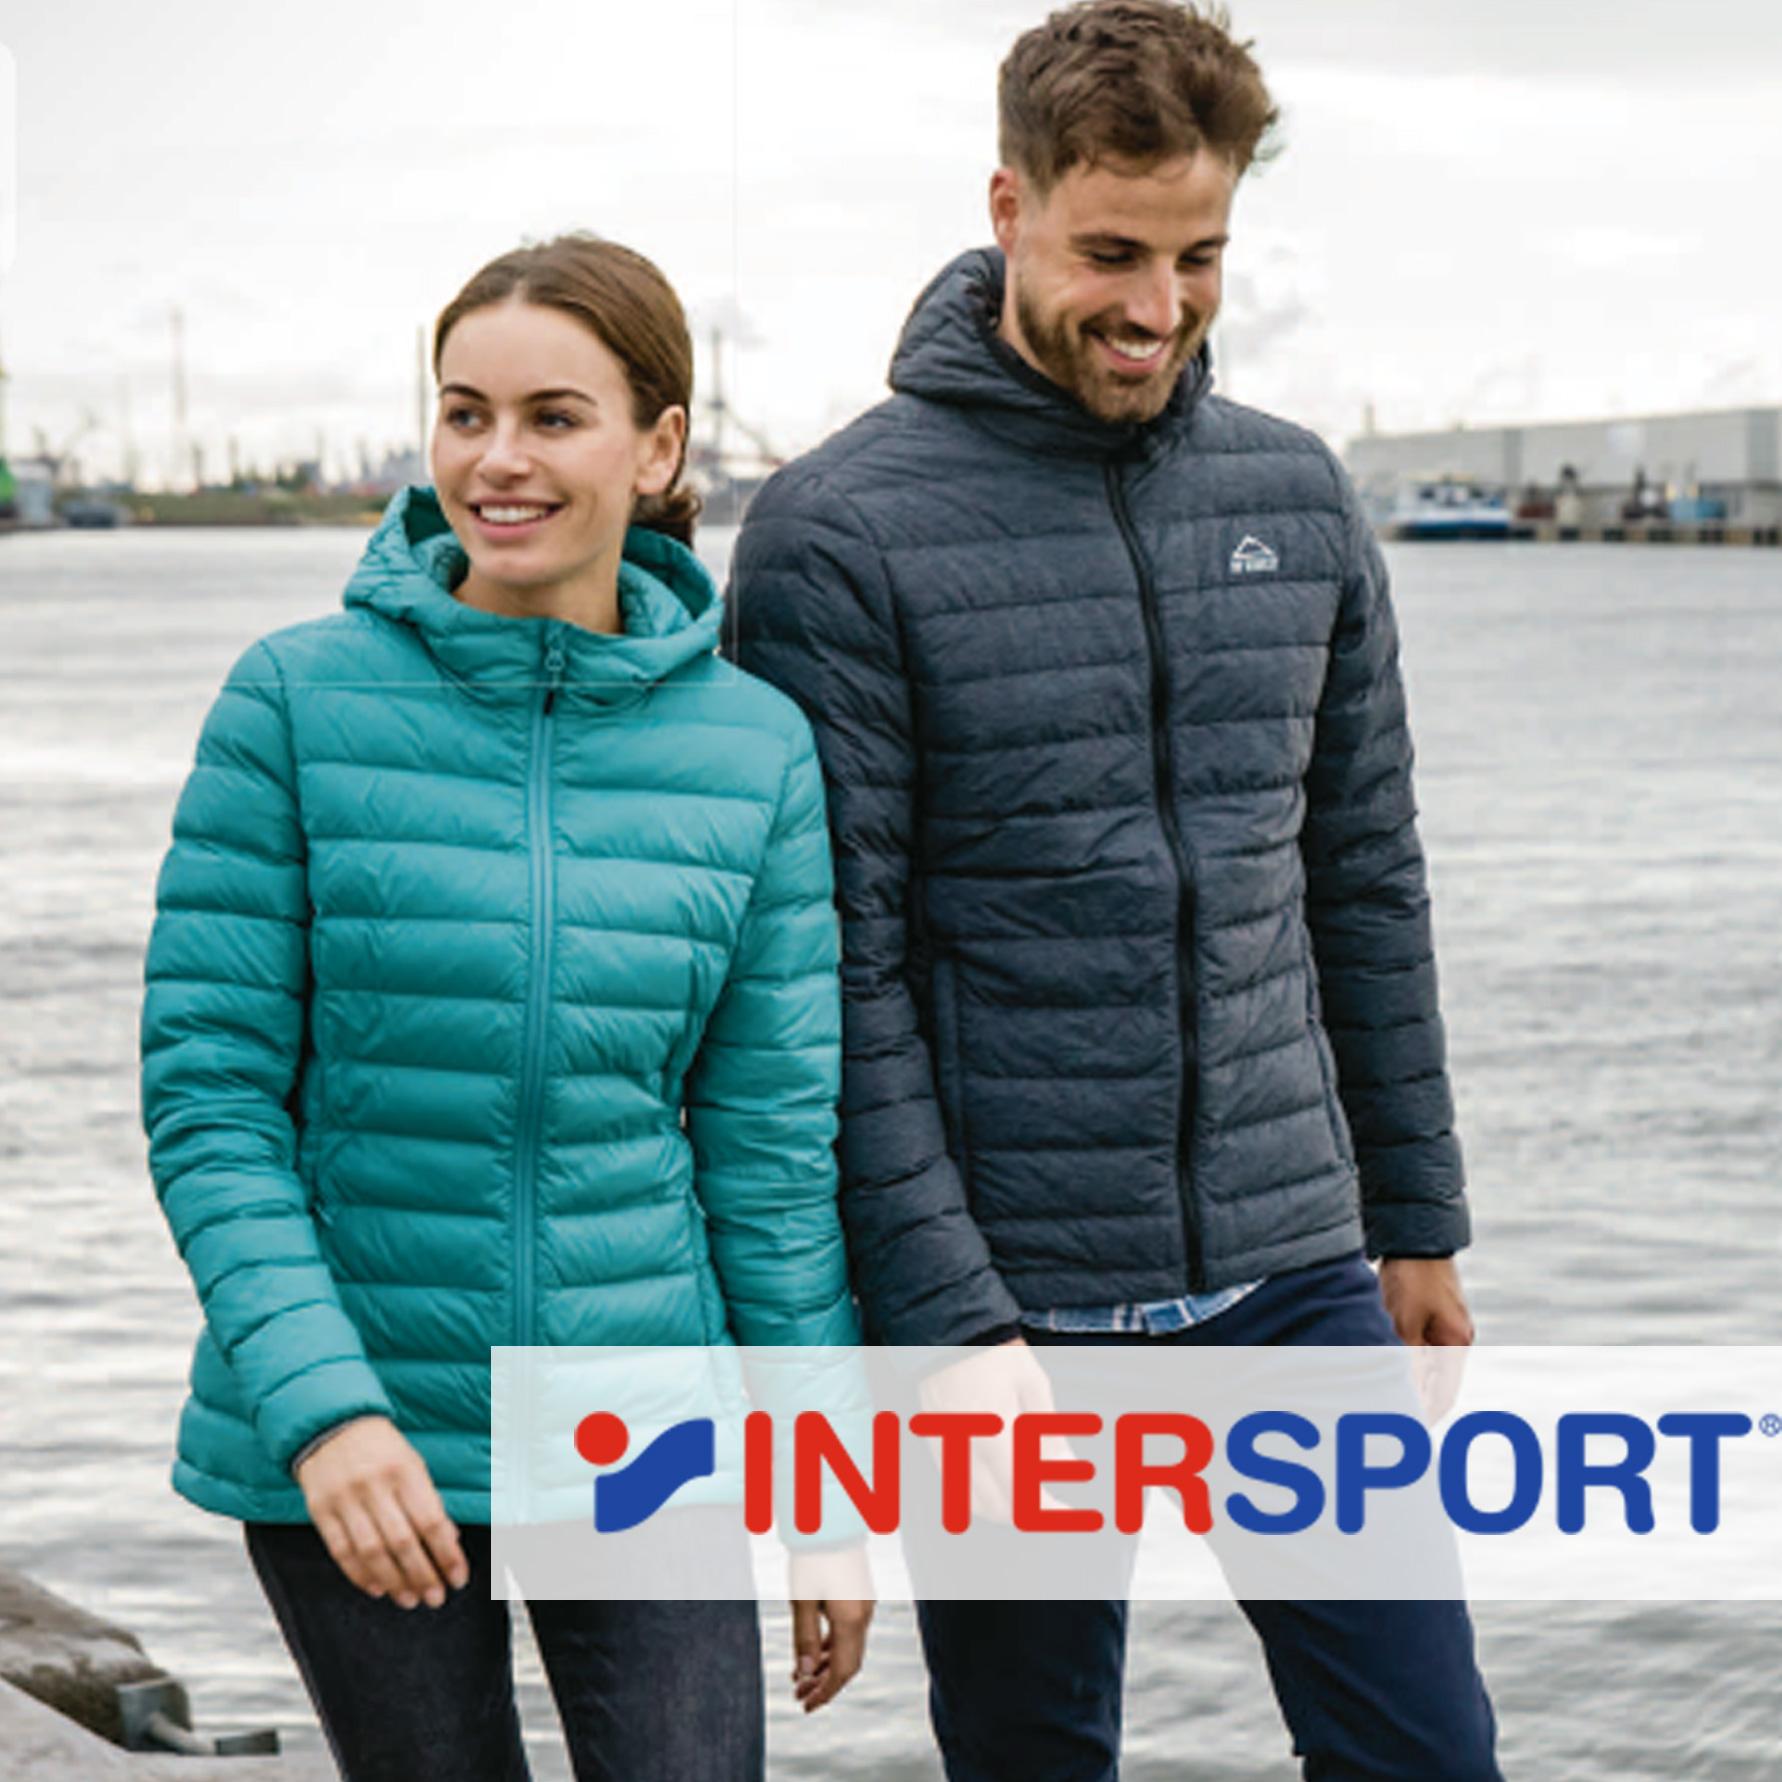 Der neue Intersport Prospekt ist da Jetzt online durchblättern